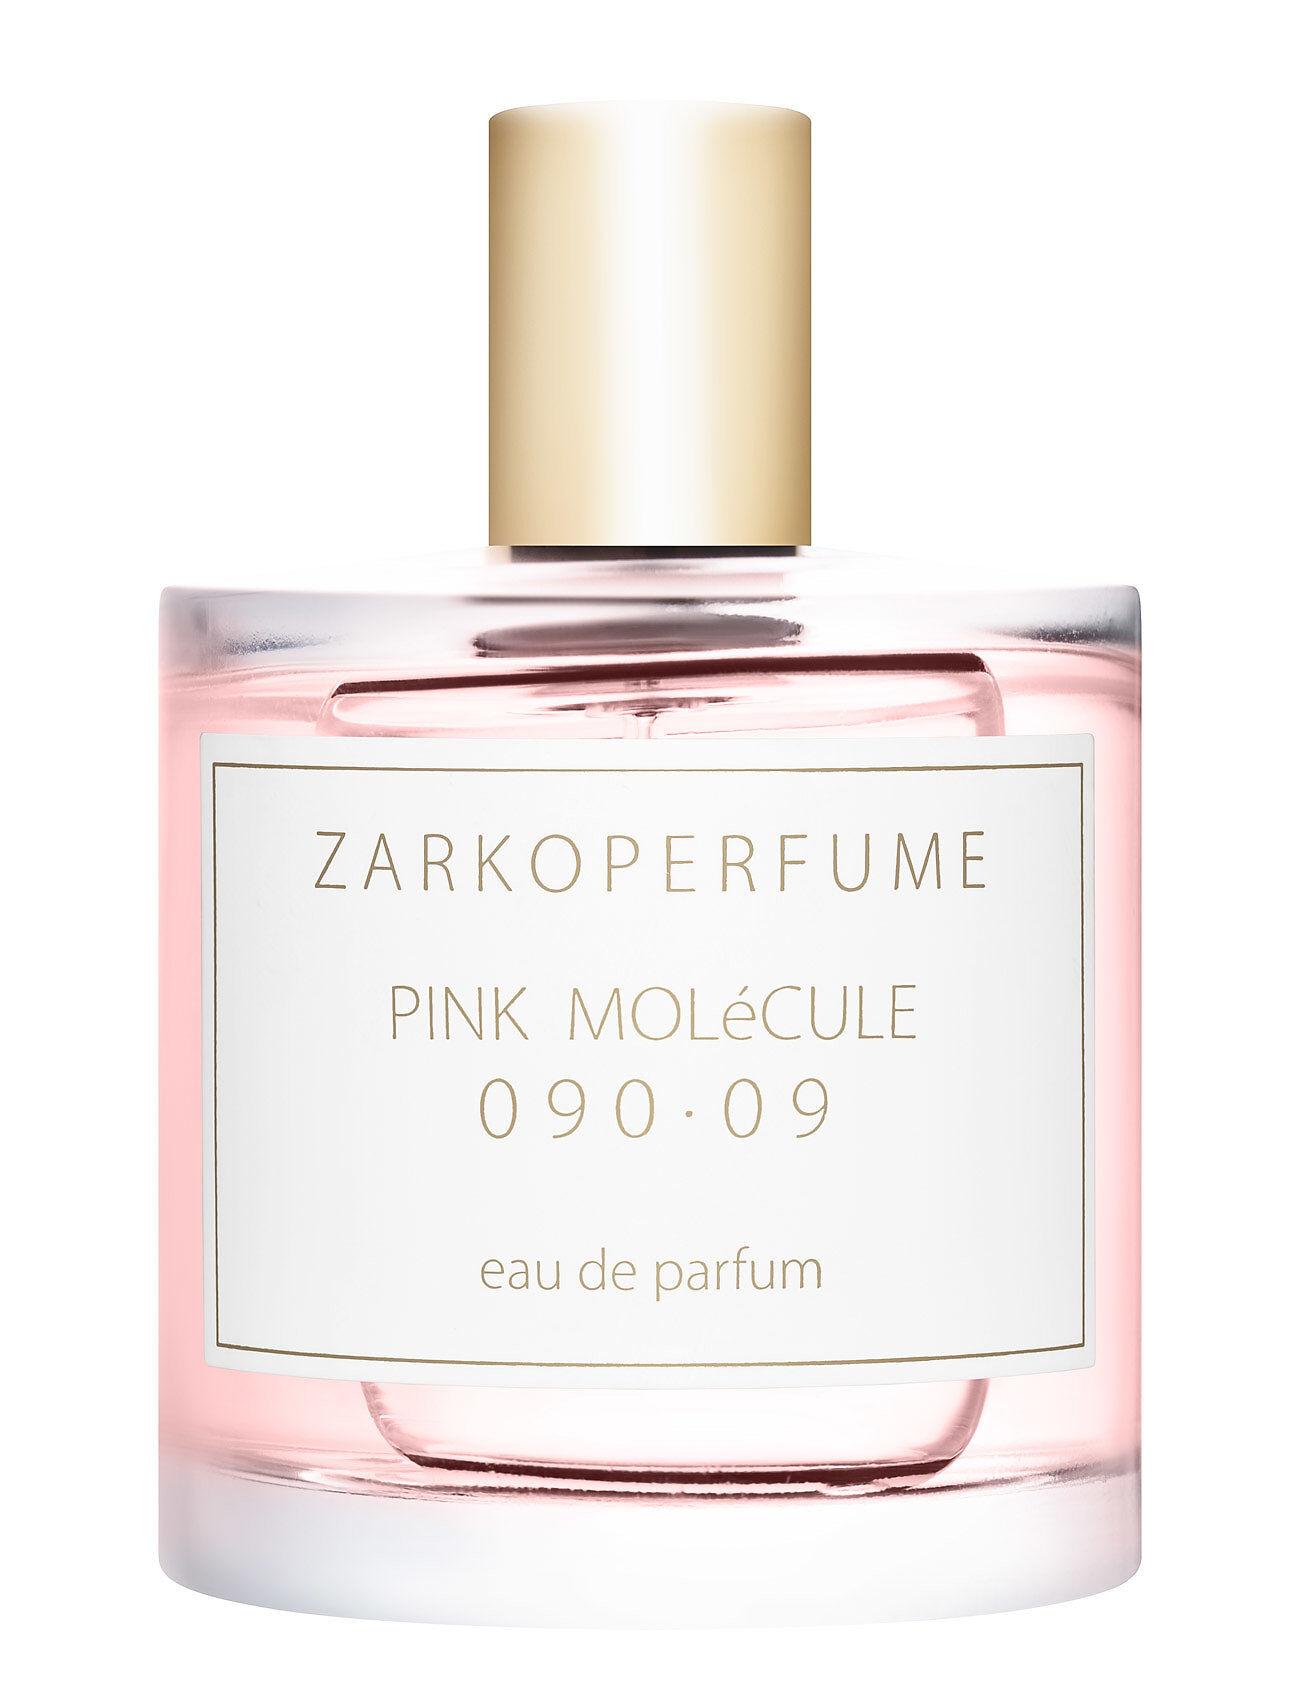 Zarkoperfume Pink MoléCule Hajuvesi Eau De Parfum Nude Zarkoperfume